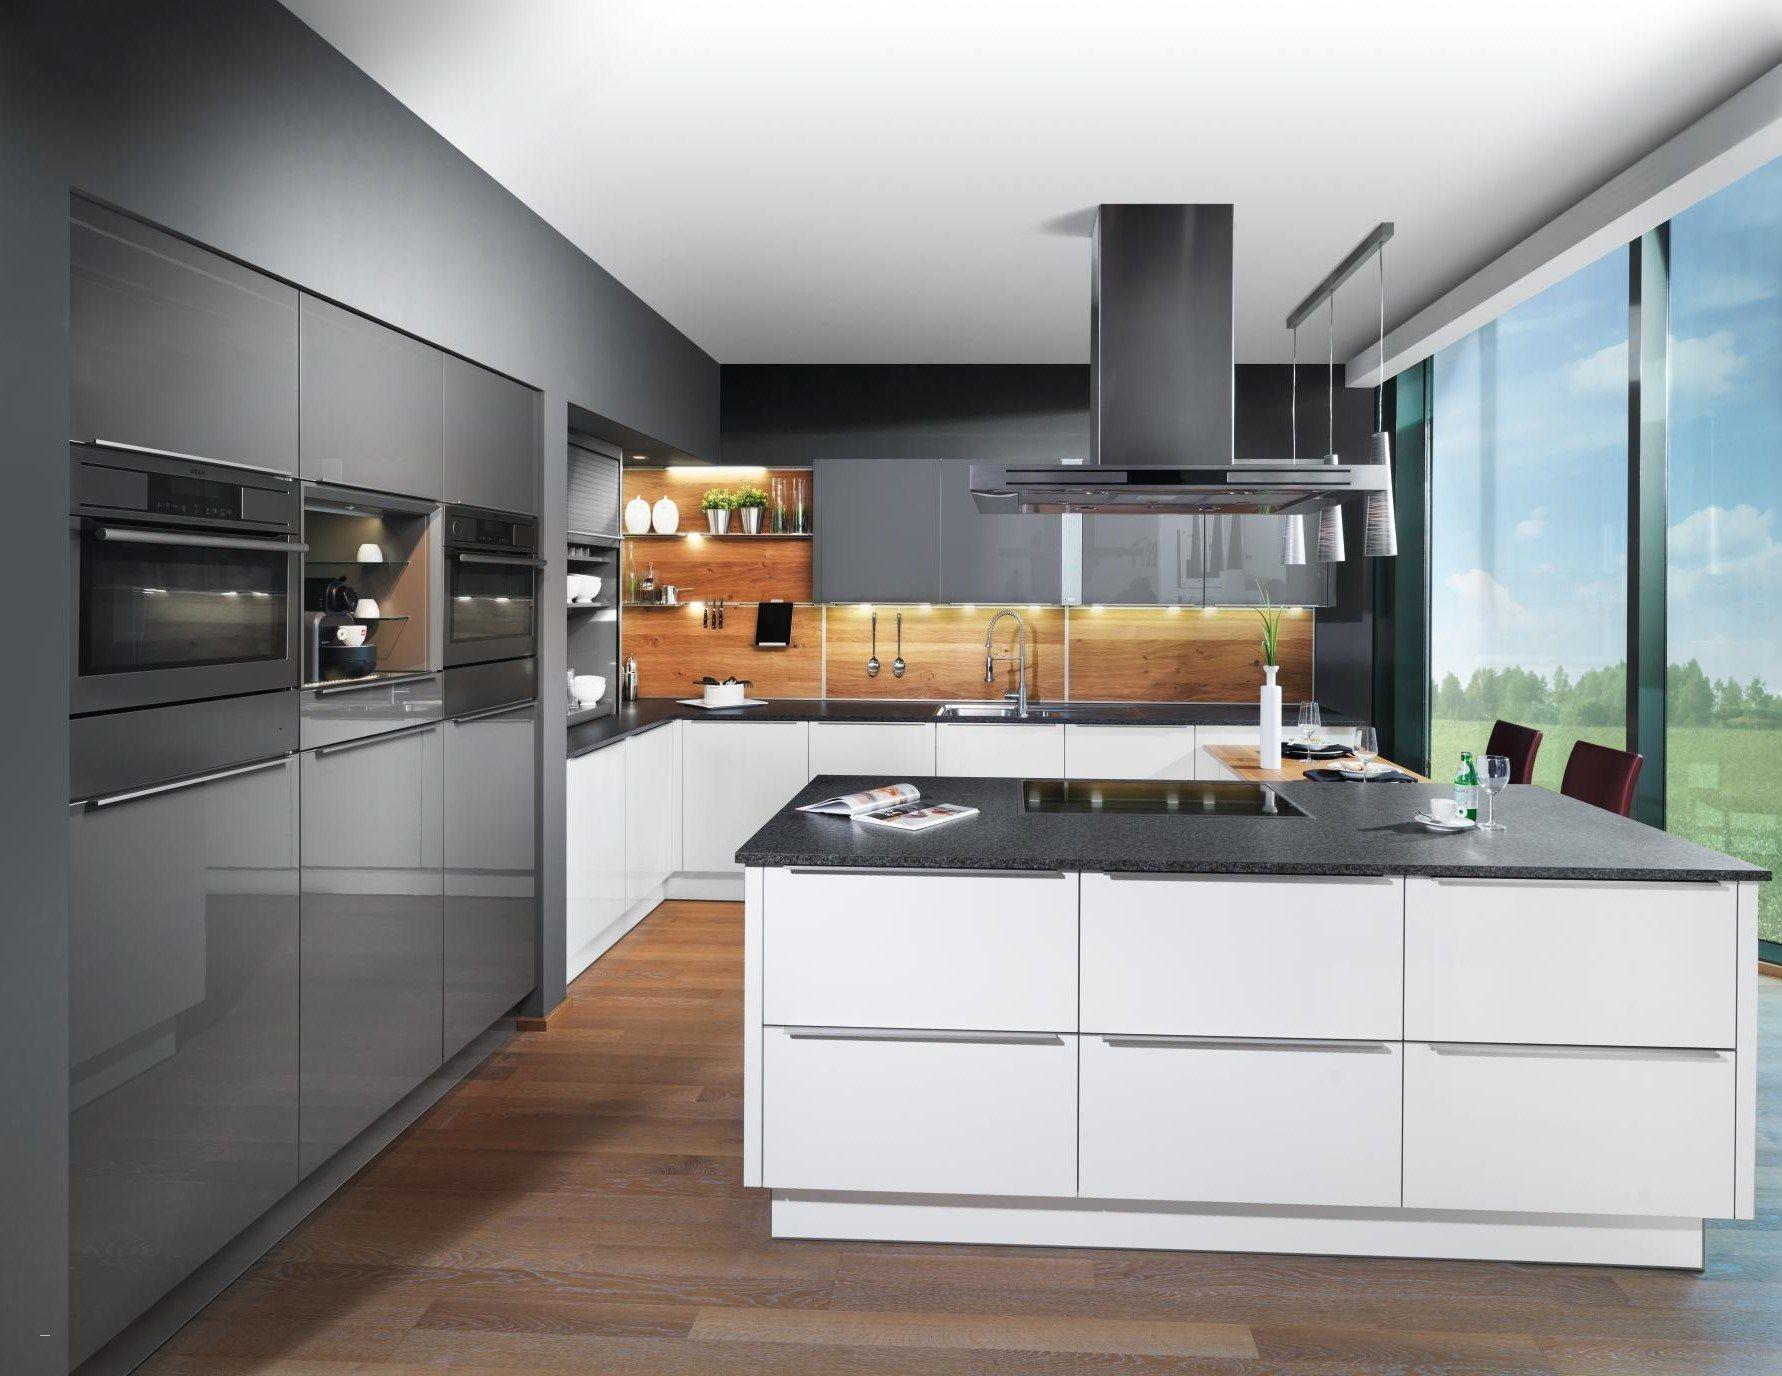 k che mit holzboden beliebt kuchen wandfliesen modern On kuchen wandfliesen